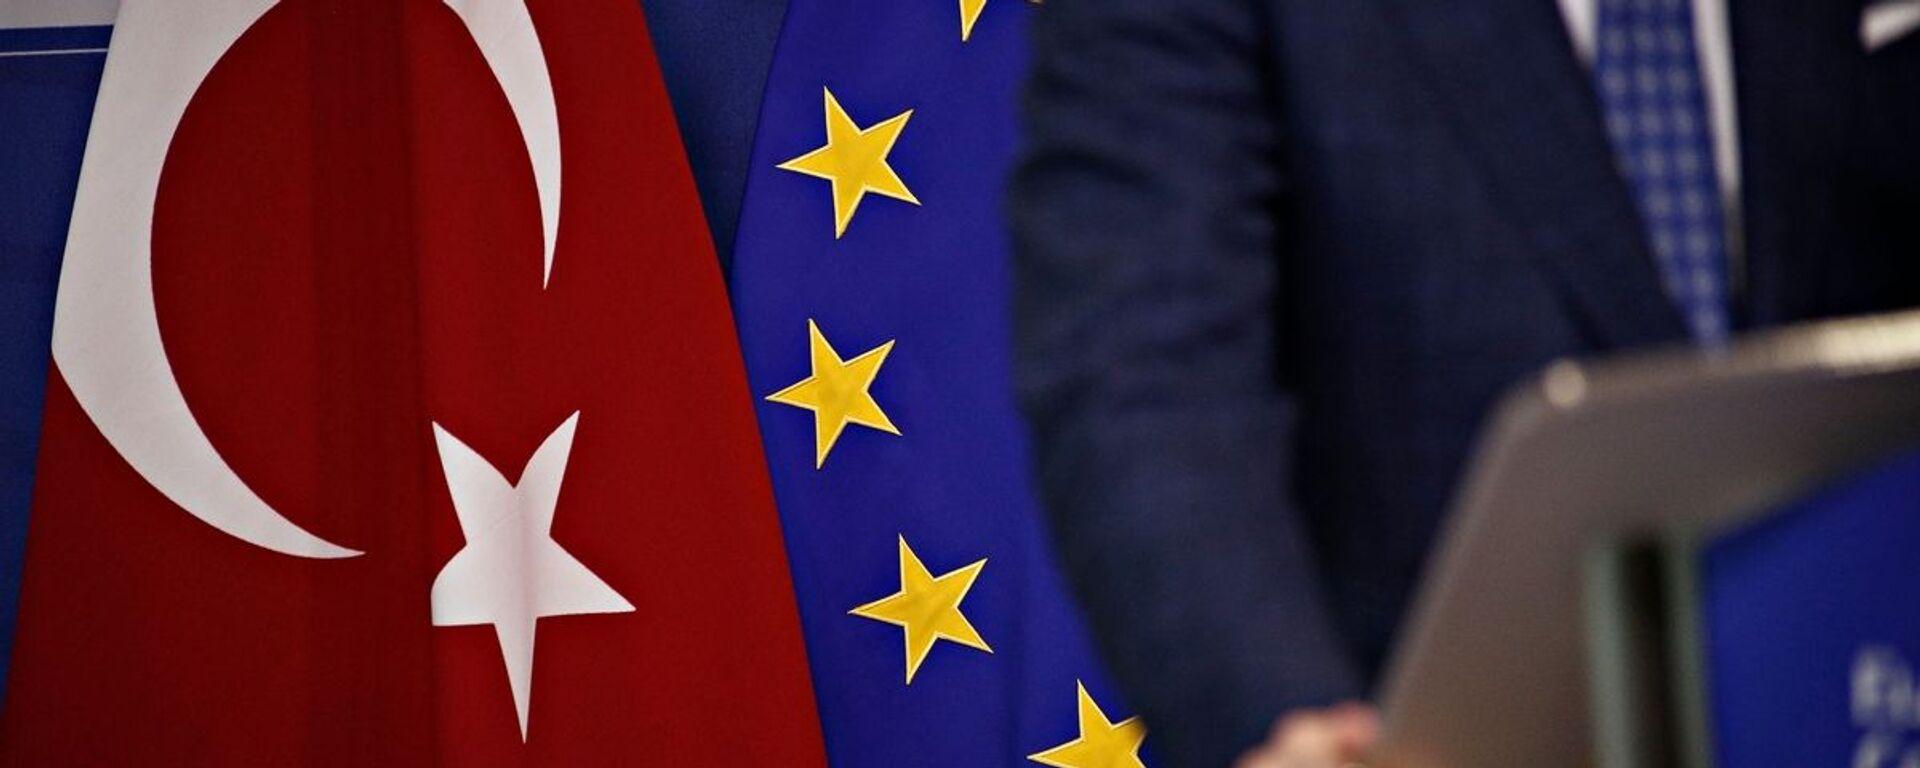 Σημαίες Τουρκίας και Ευρωπαϊκής Ένωσης - Sputnik Ελλάδα, 1920, 18.03.2021